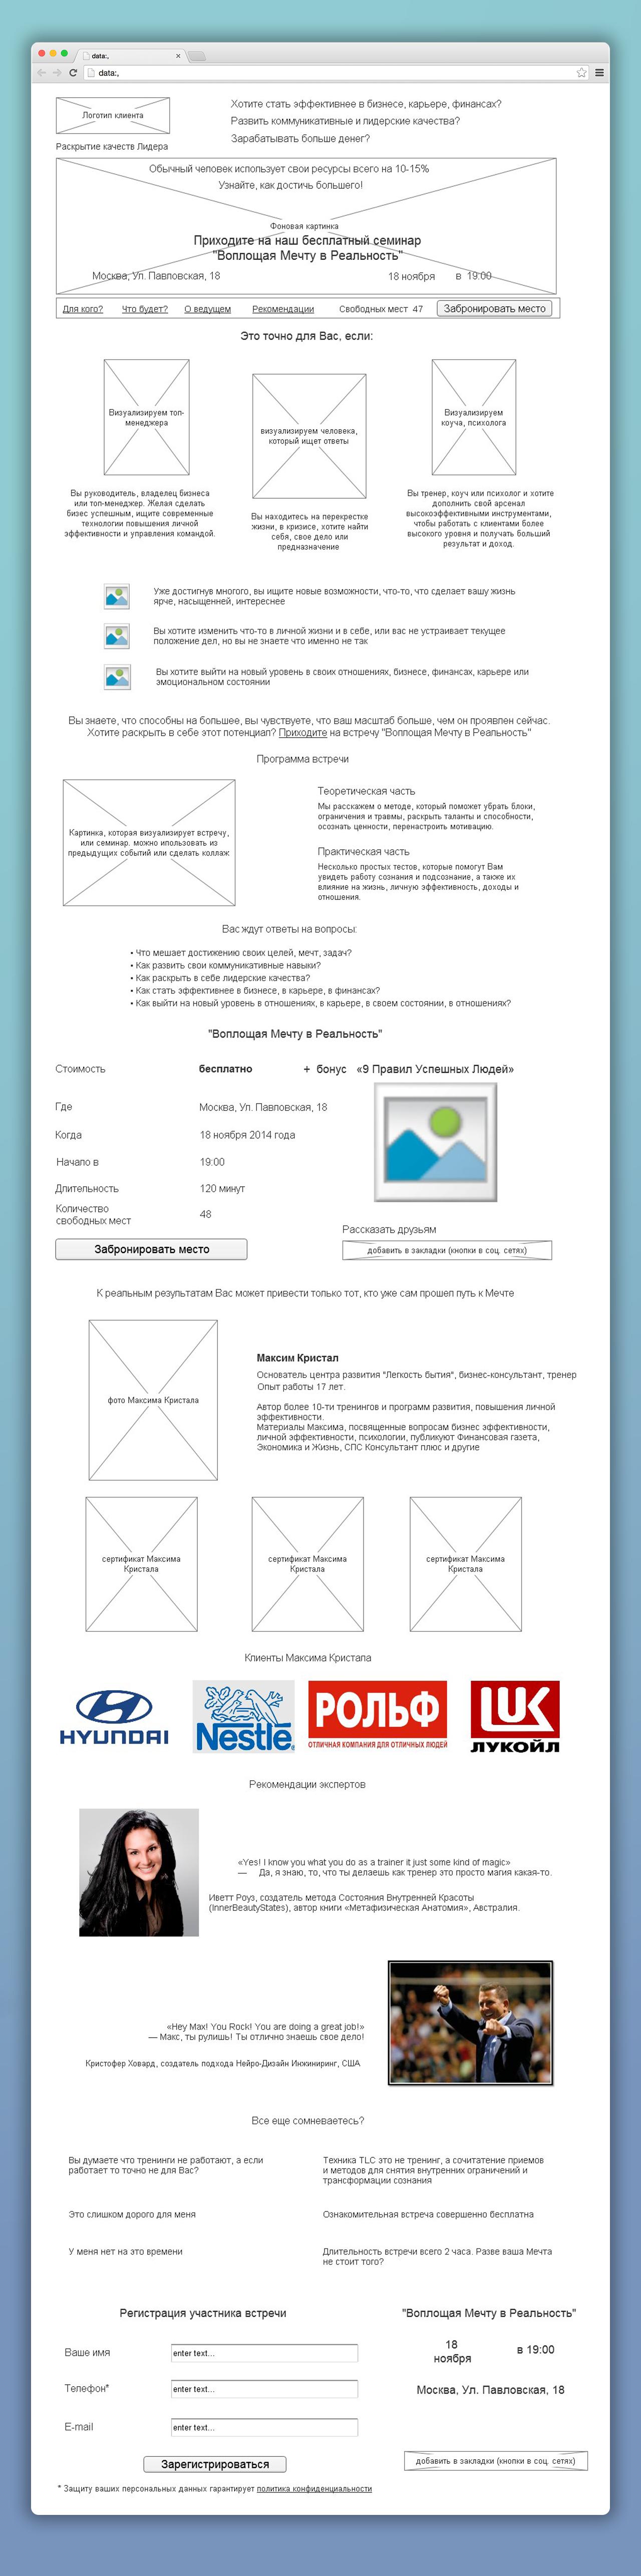 Прототип Landing Page для центра развития Легкость Бытия (сбор группы на встречу)